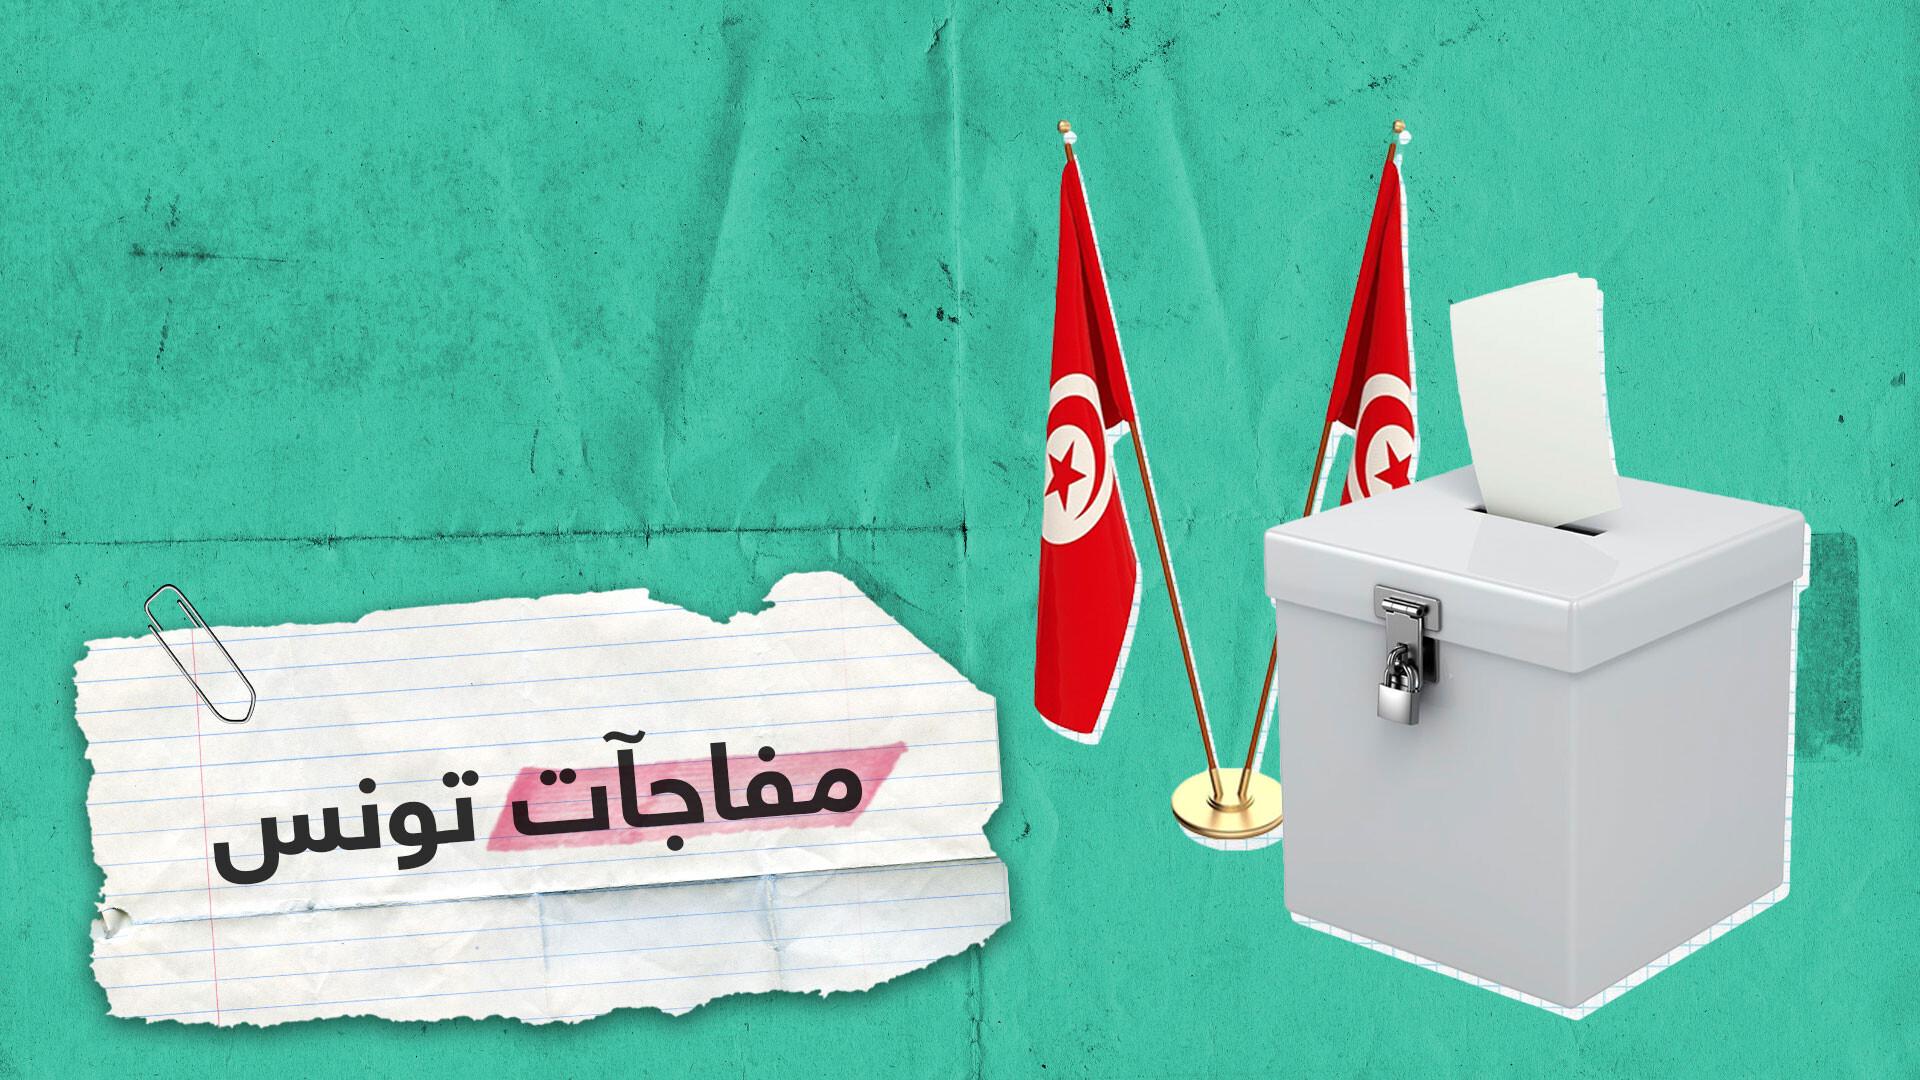 من هما قيس سعيد ونبيل القروي اللذن تصدرا السباق الرئاسي في تونس؟